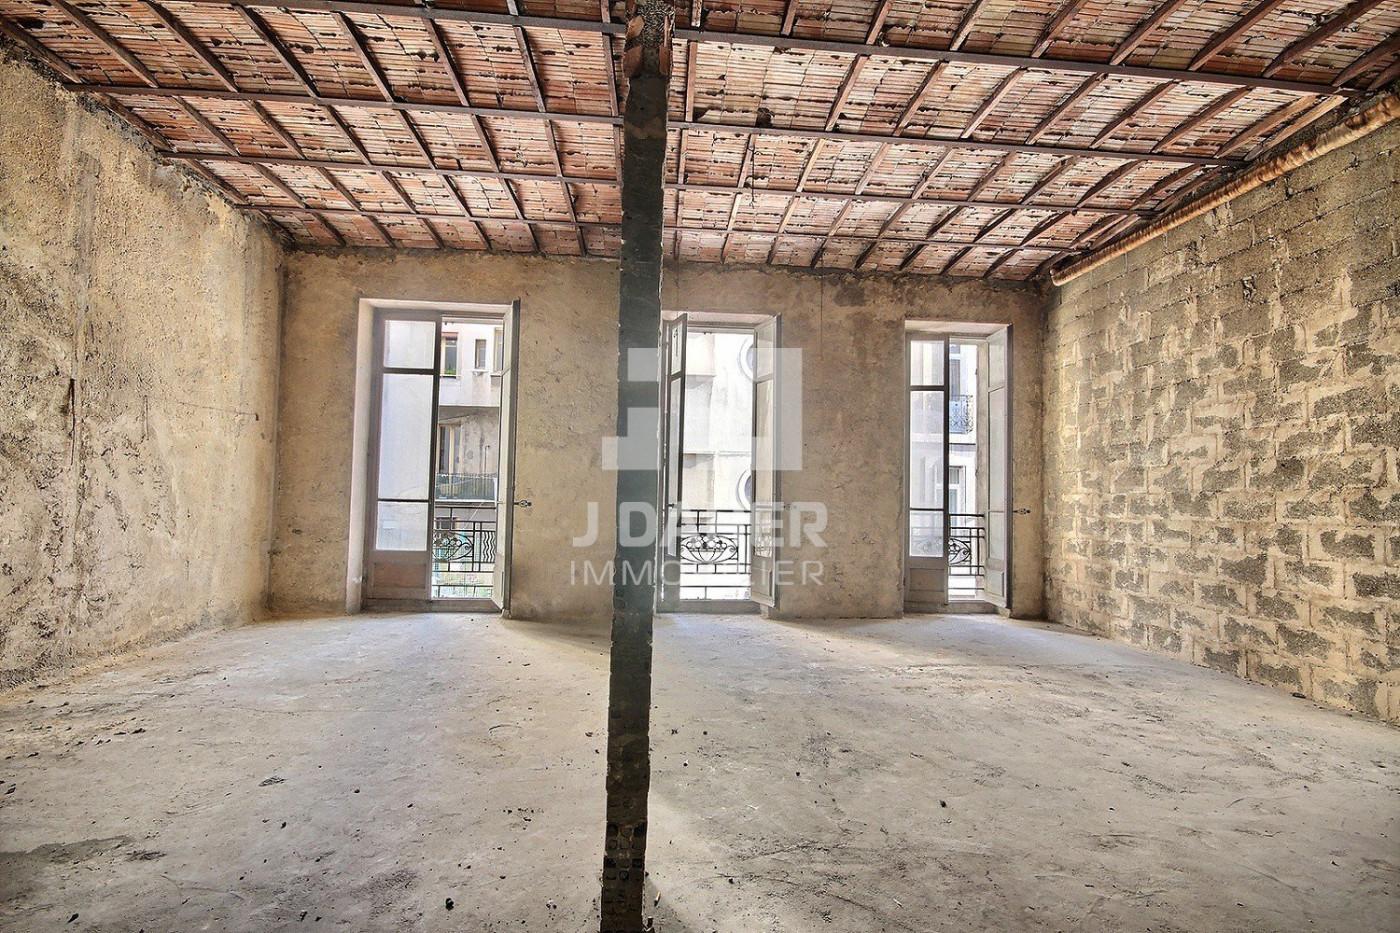 A vendre Marseille 1er Arrondissement 13025696 J daher immobilier